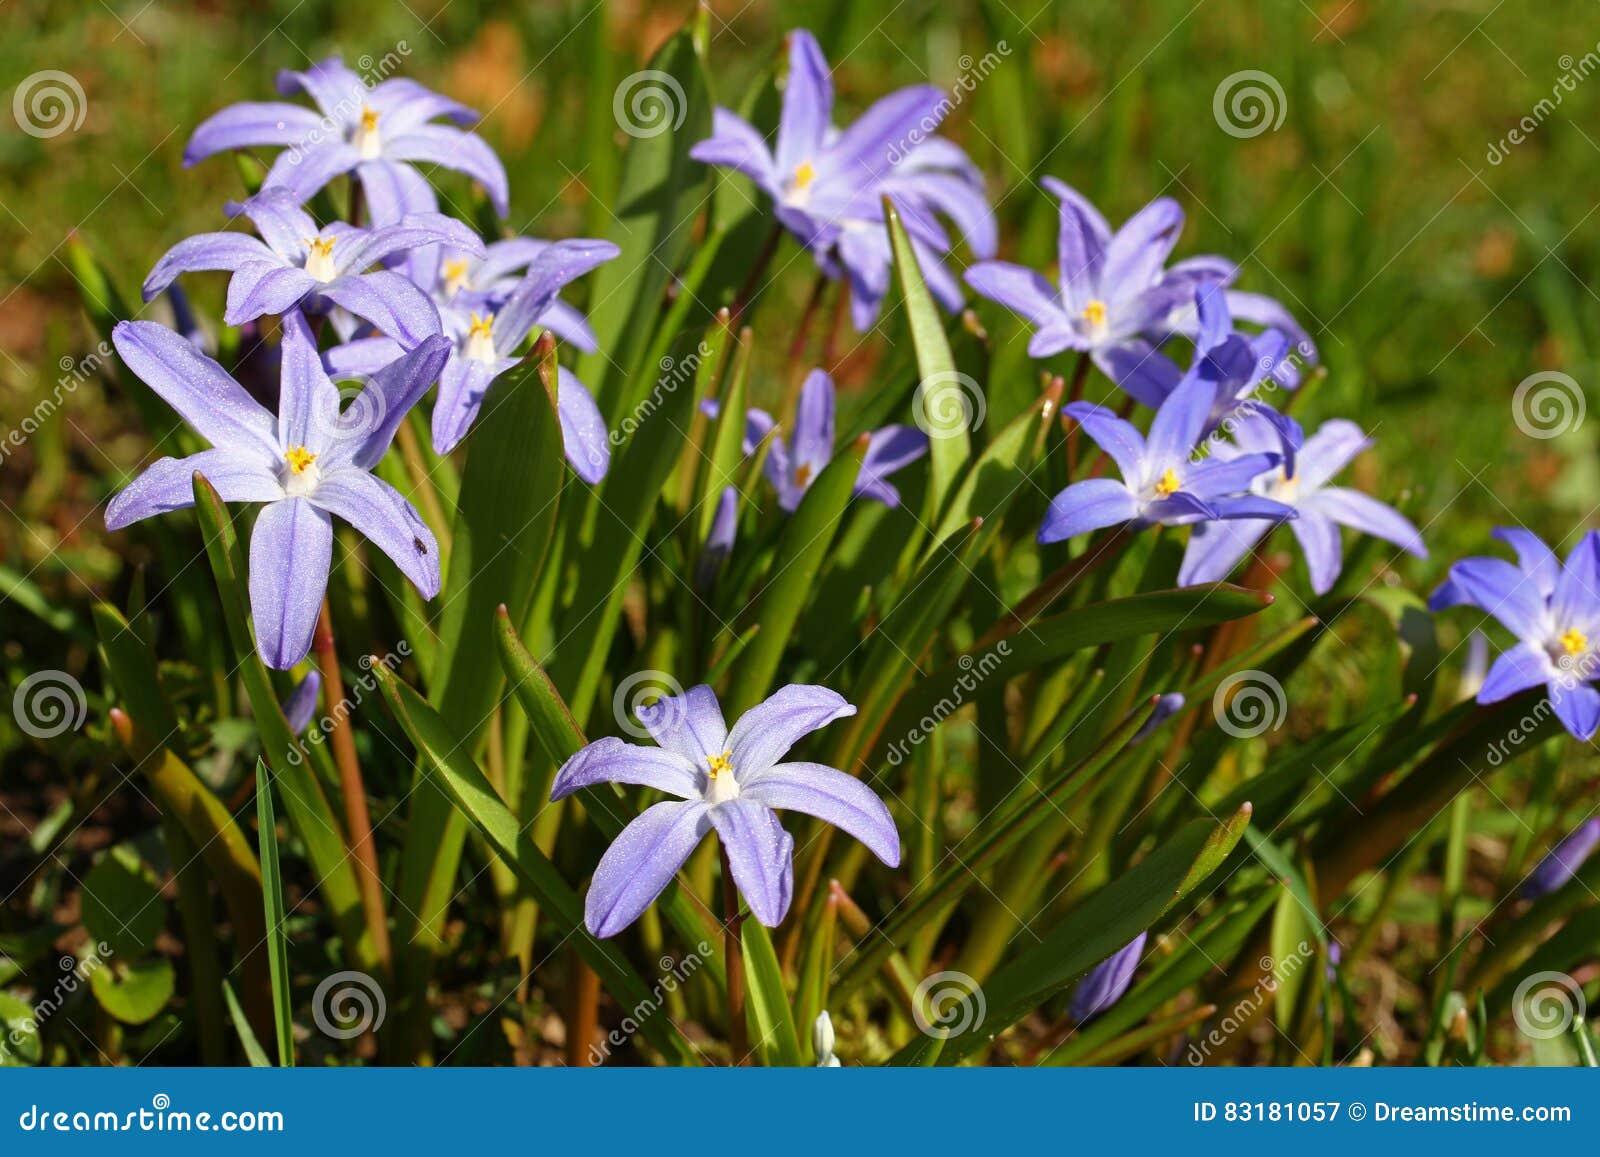 Erste Blumen Des Vorfruhlings Stockbild Bild Von Ruhm Blumen